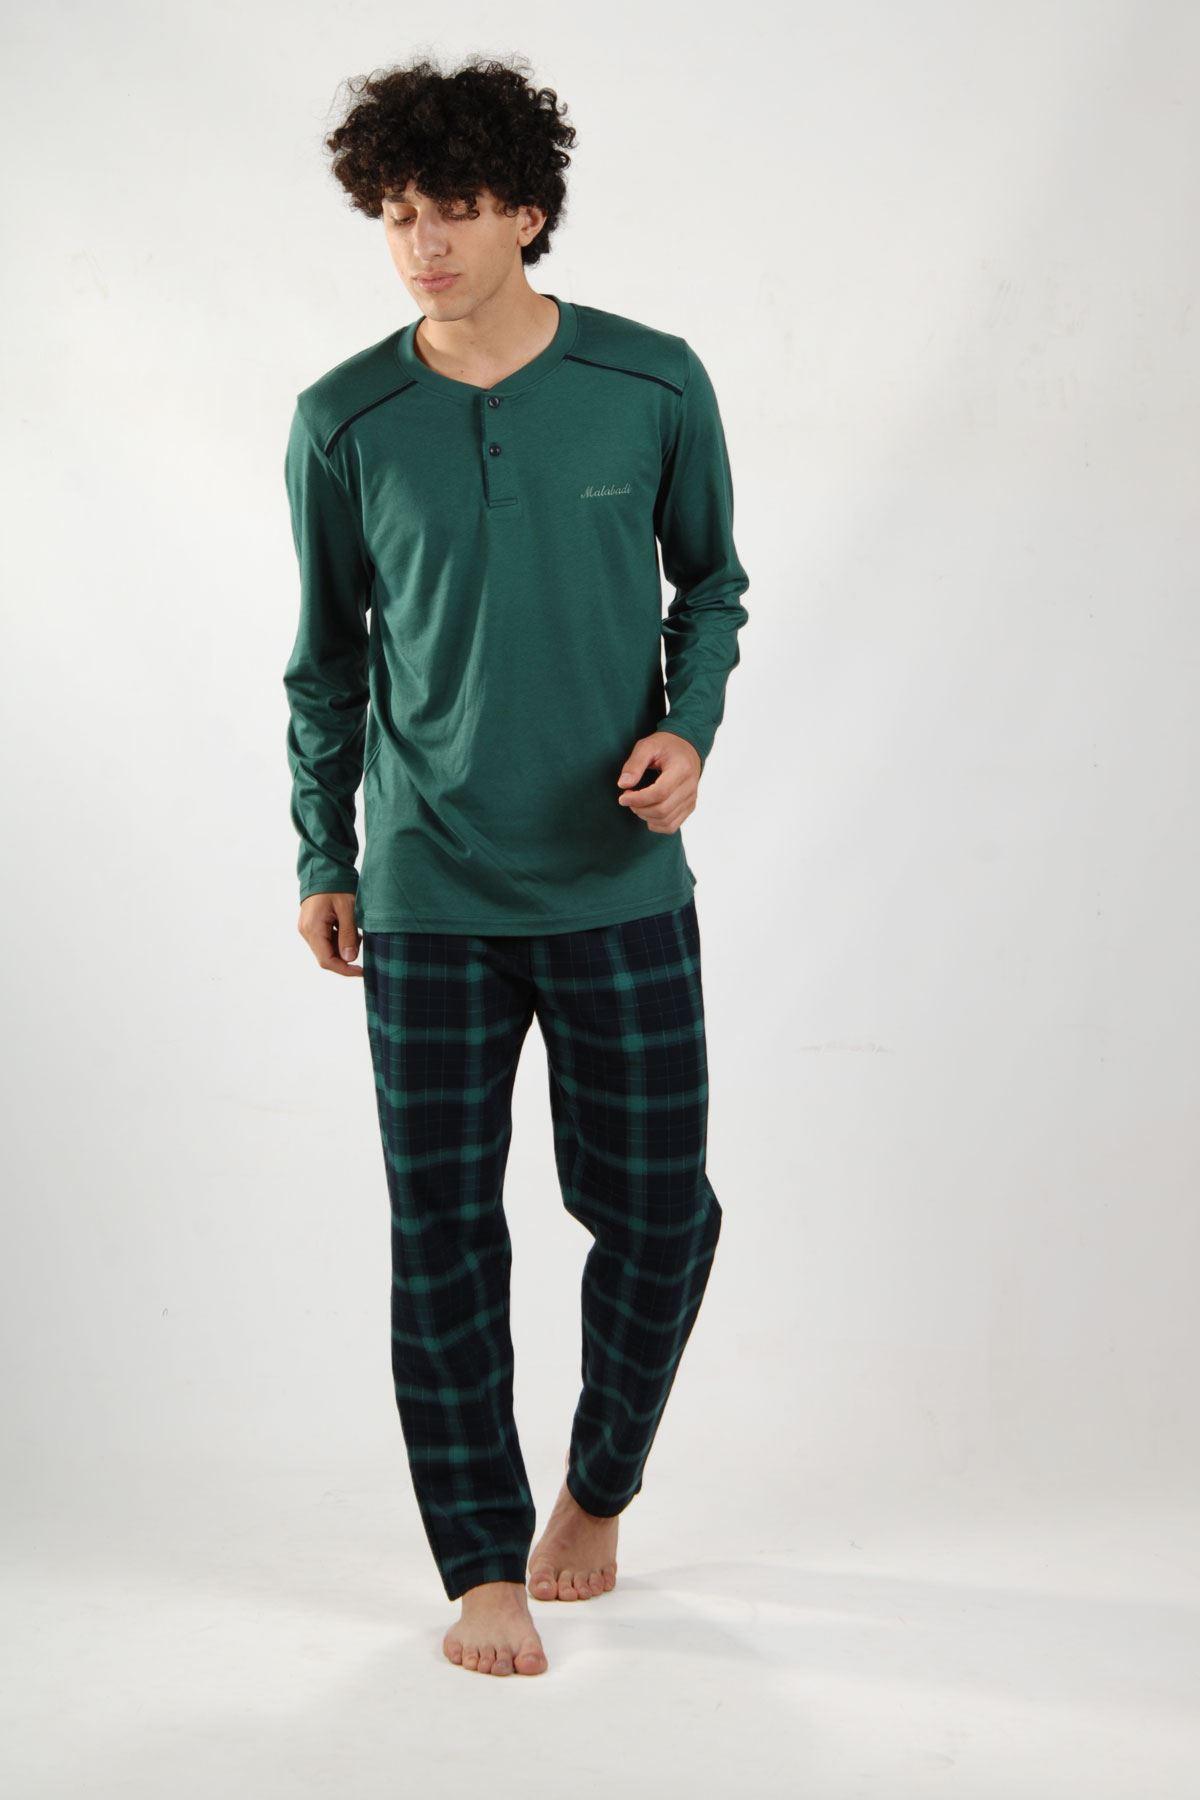 Yeşil Ekoseli Erkek Pijama Takımı Düğmeli Yaka Kışlık Uzun Kollu Pijama 6015